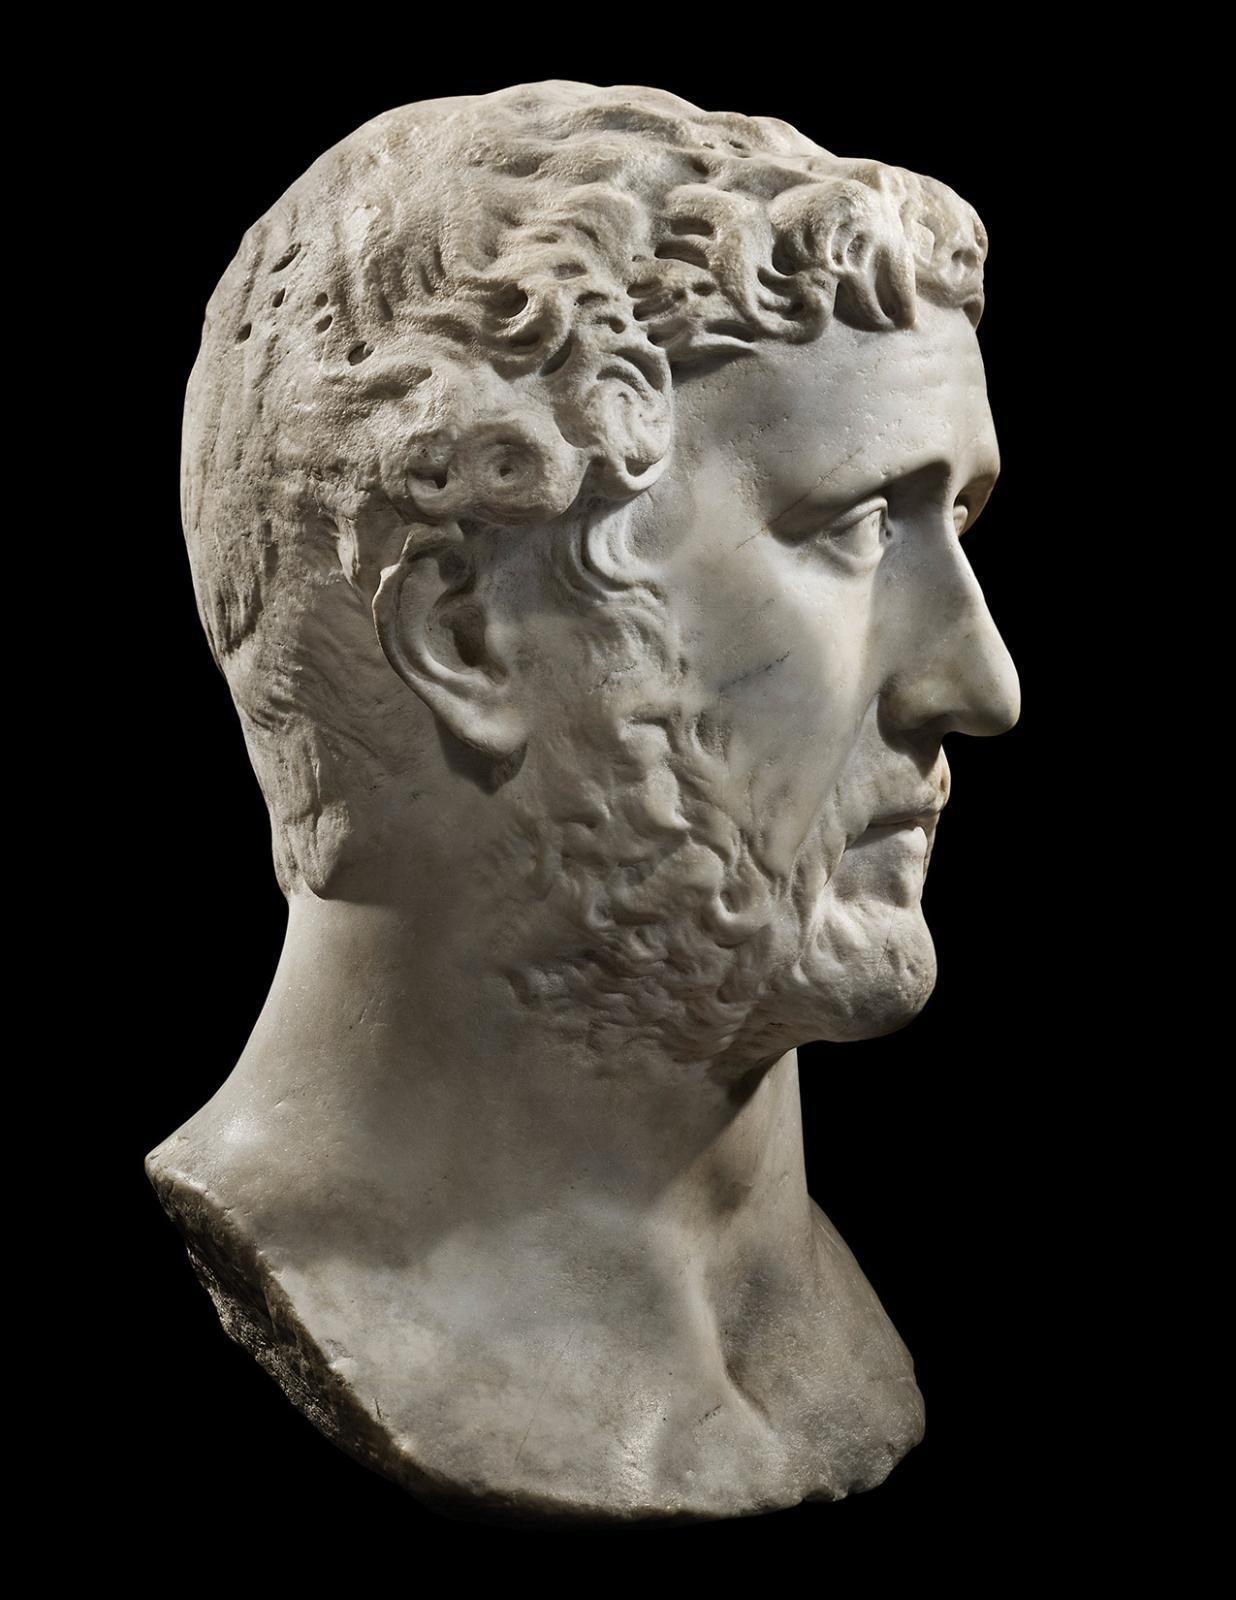 Le règne d'Antonin le Pieux(138-161) un surnom qui ne viendrait pas de sa piété religieuse, mais plutôt de sa dévotion filiale à son père adoptif Had